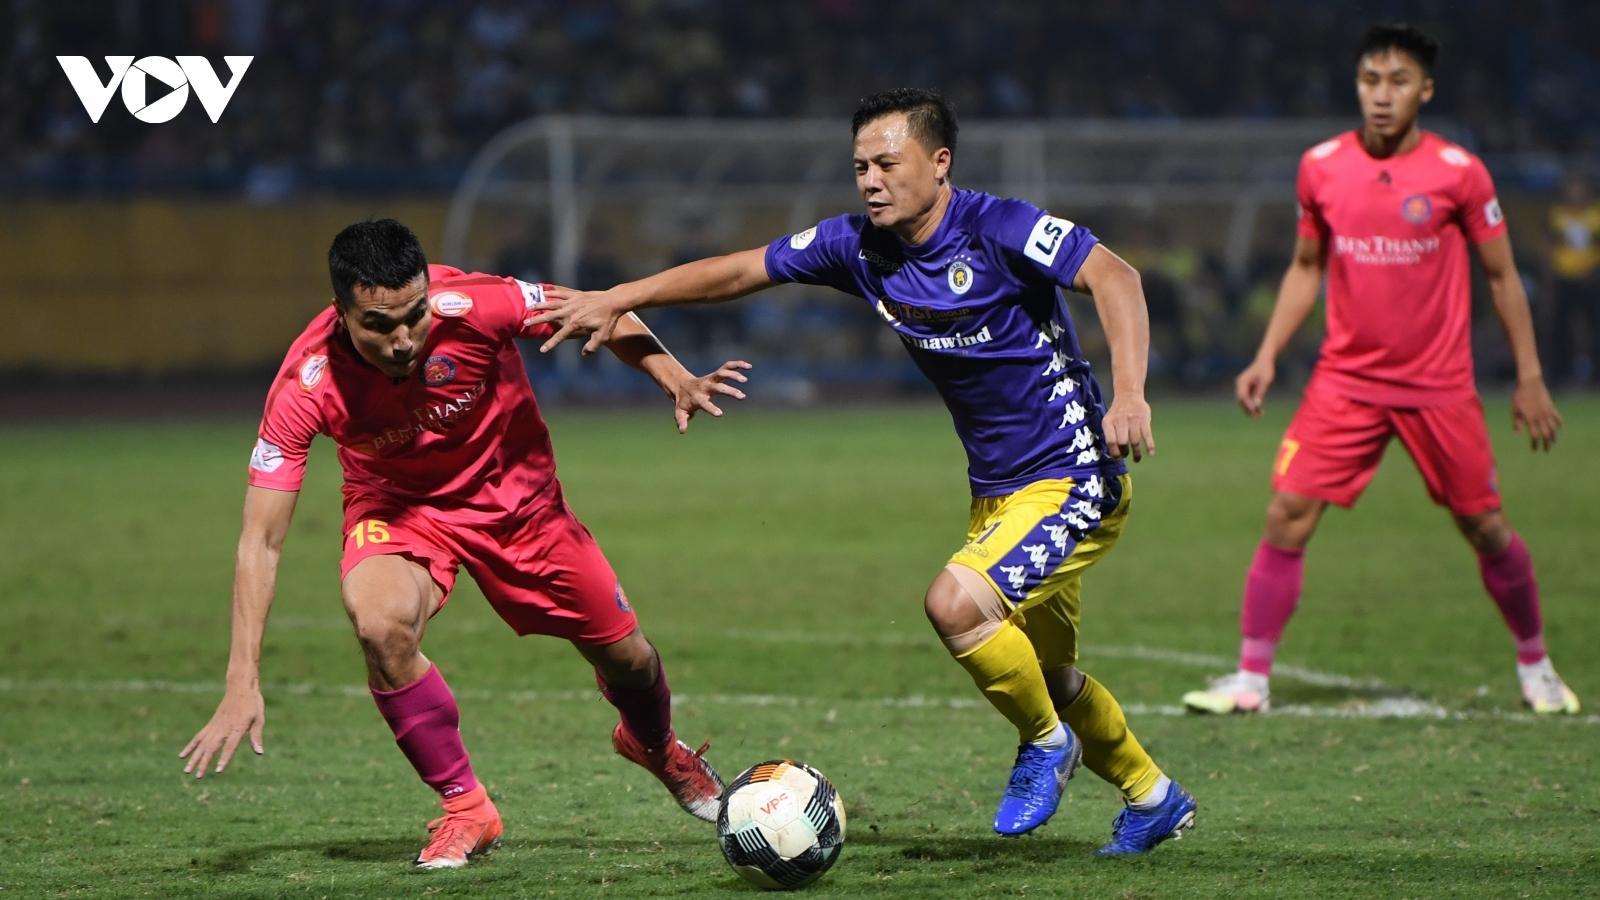 """Thành Lương - Quân bài chiến lược giúp Hà Nội FC """"đả bại"""" Sài Gòn FC"""